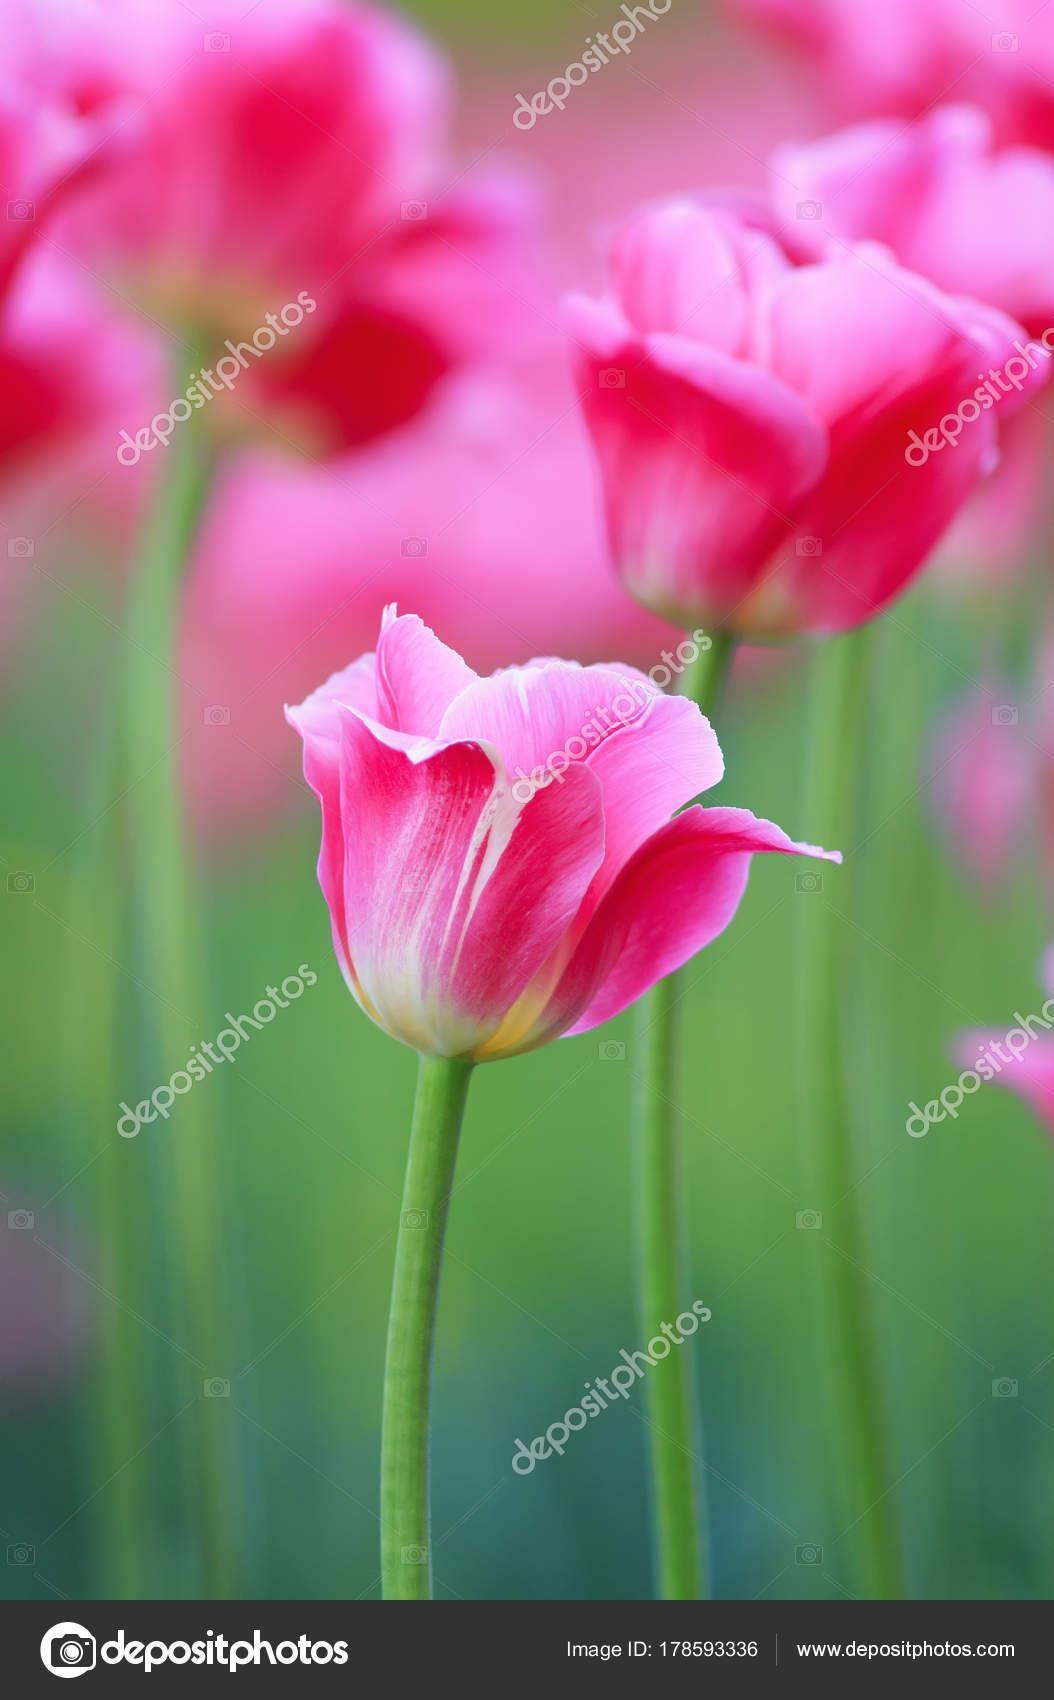 Rosa Blumen Tulpen Wachsen Im Garten Im Frühjahr Stockfoto